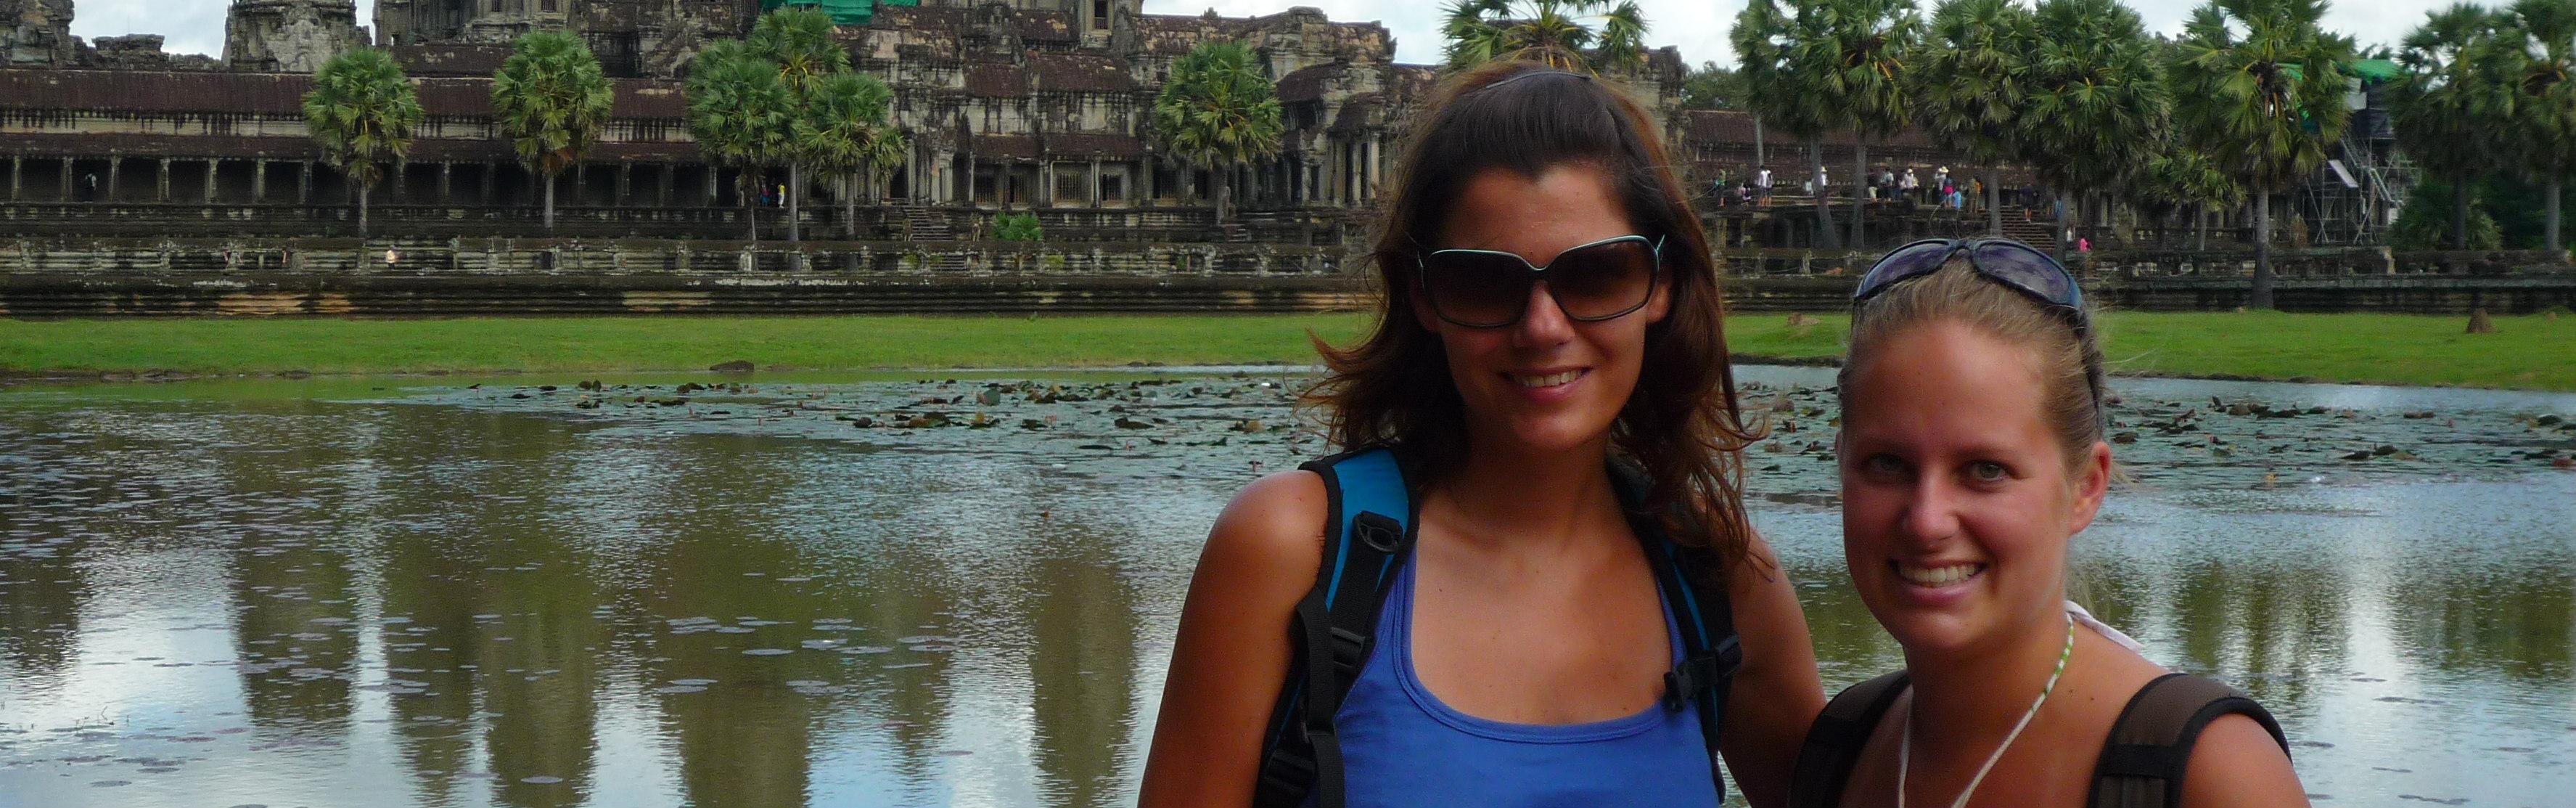 Angkor wat header